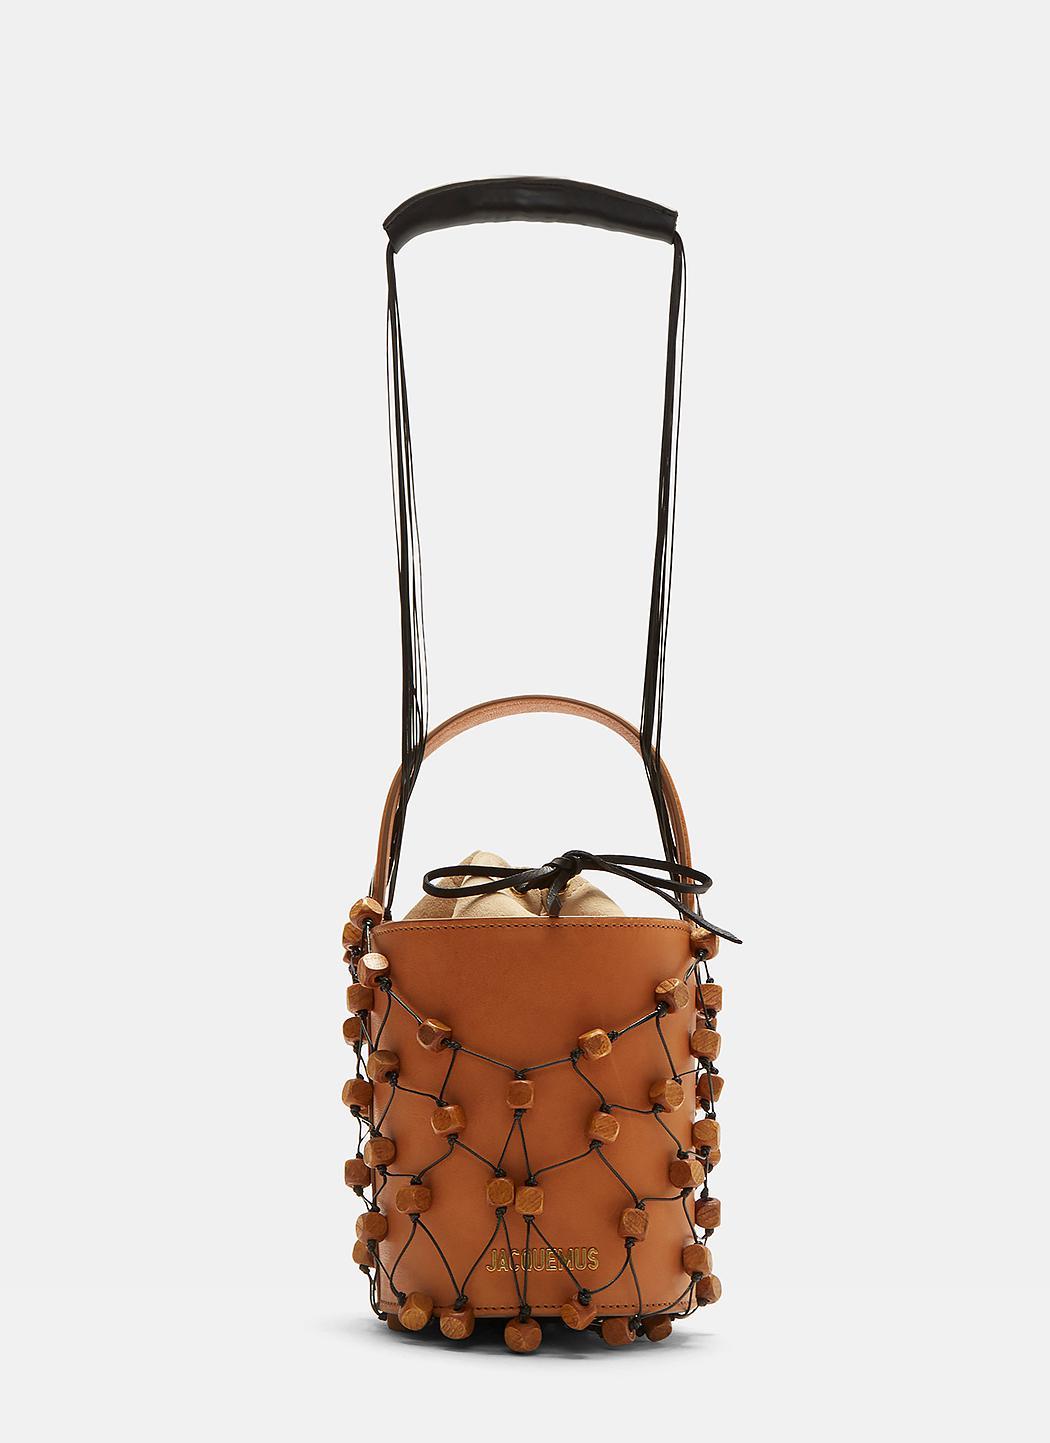 Le Sac Maracasau leather shoulder bag Jacquemus mIz6T5KG